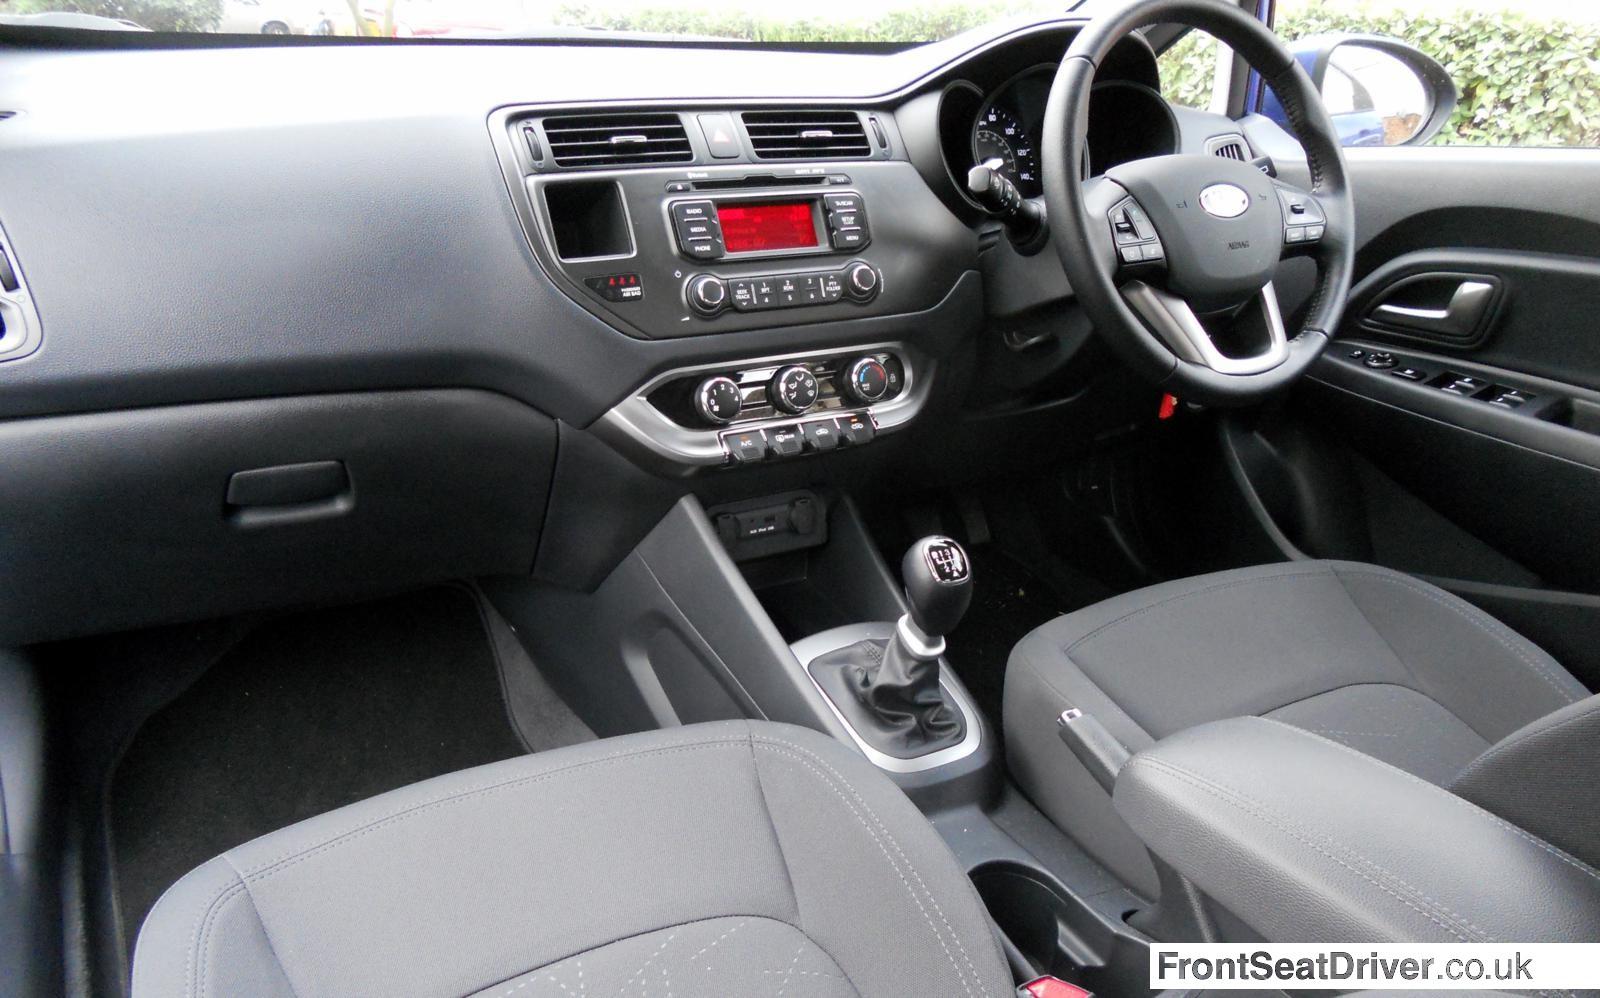 Kia Rio 1 1 Crdi 2013 Interior Front Seat Driver